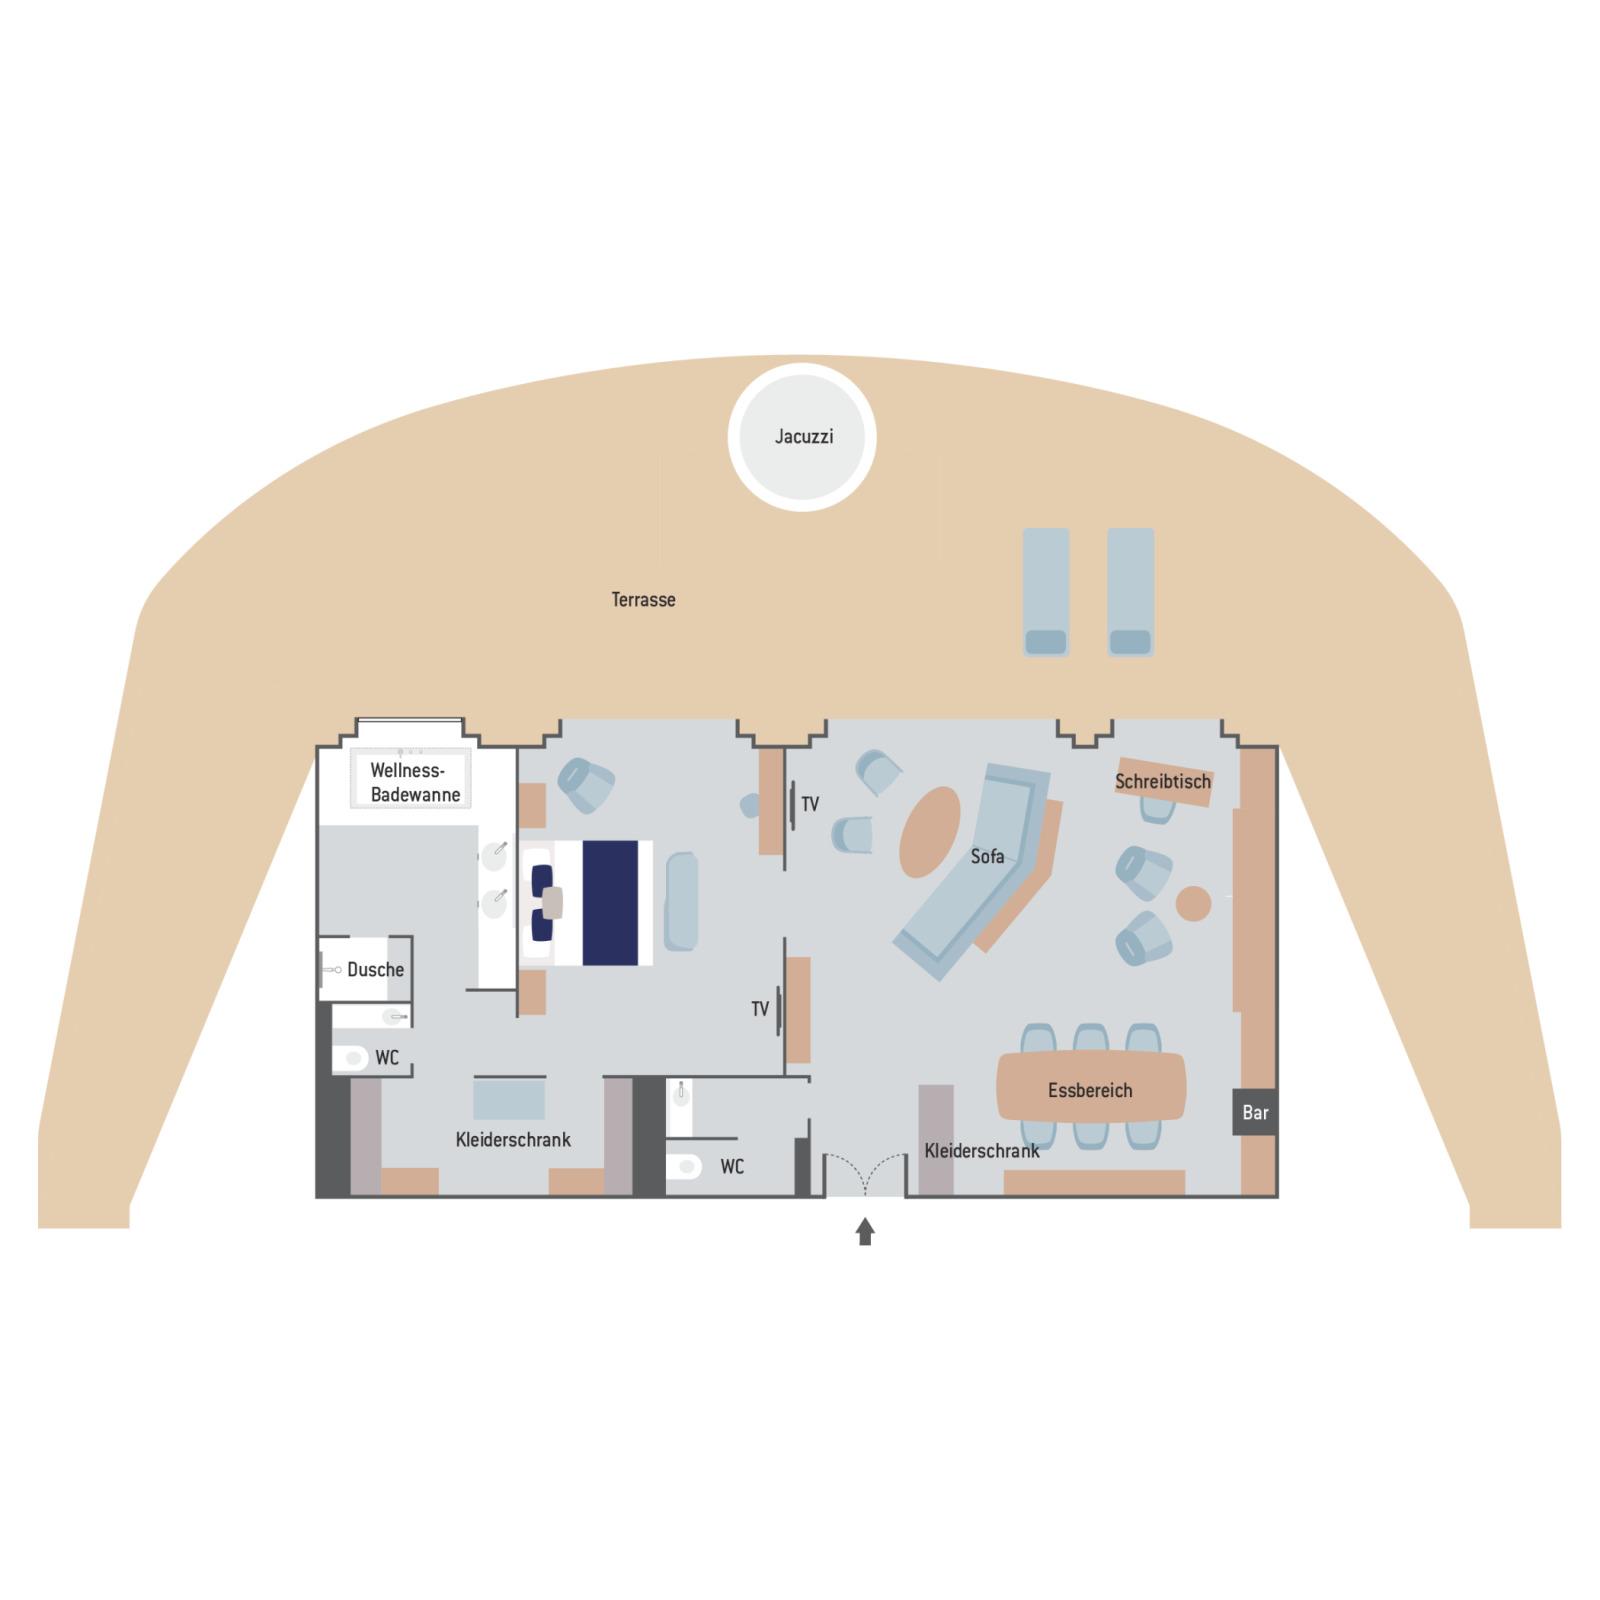 Owner's Suite - Le Commandant Charcot - Owner's Suite SA - Le Commandant Charcot - Bild 2 - Grundriss Thumb